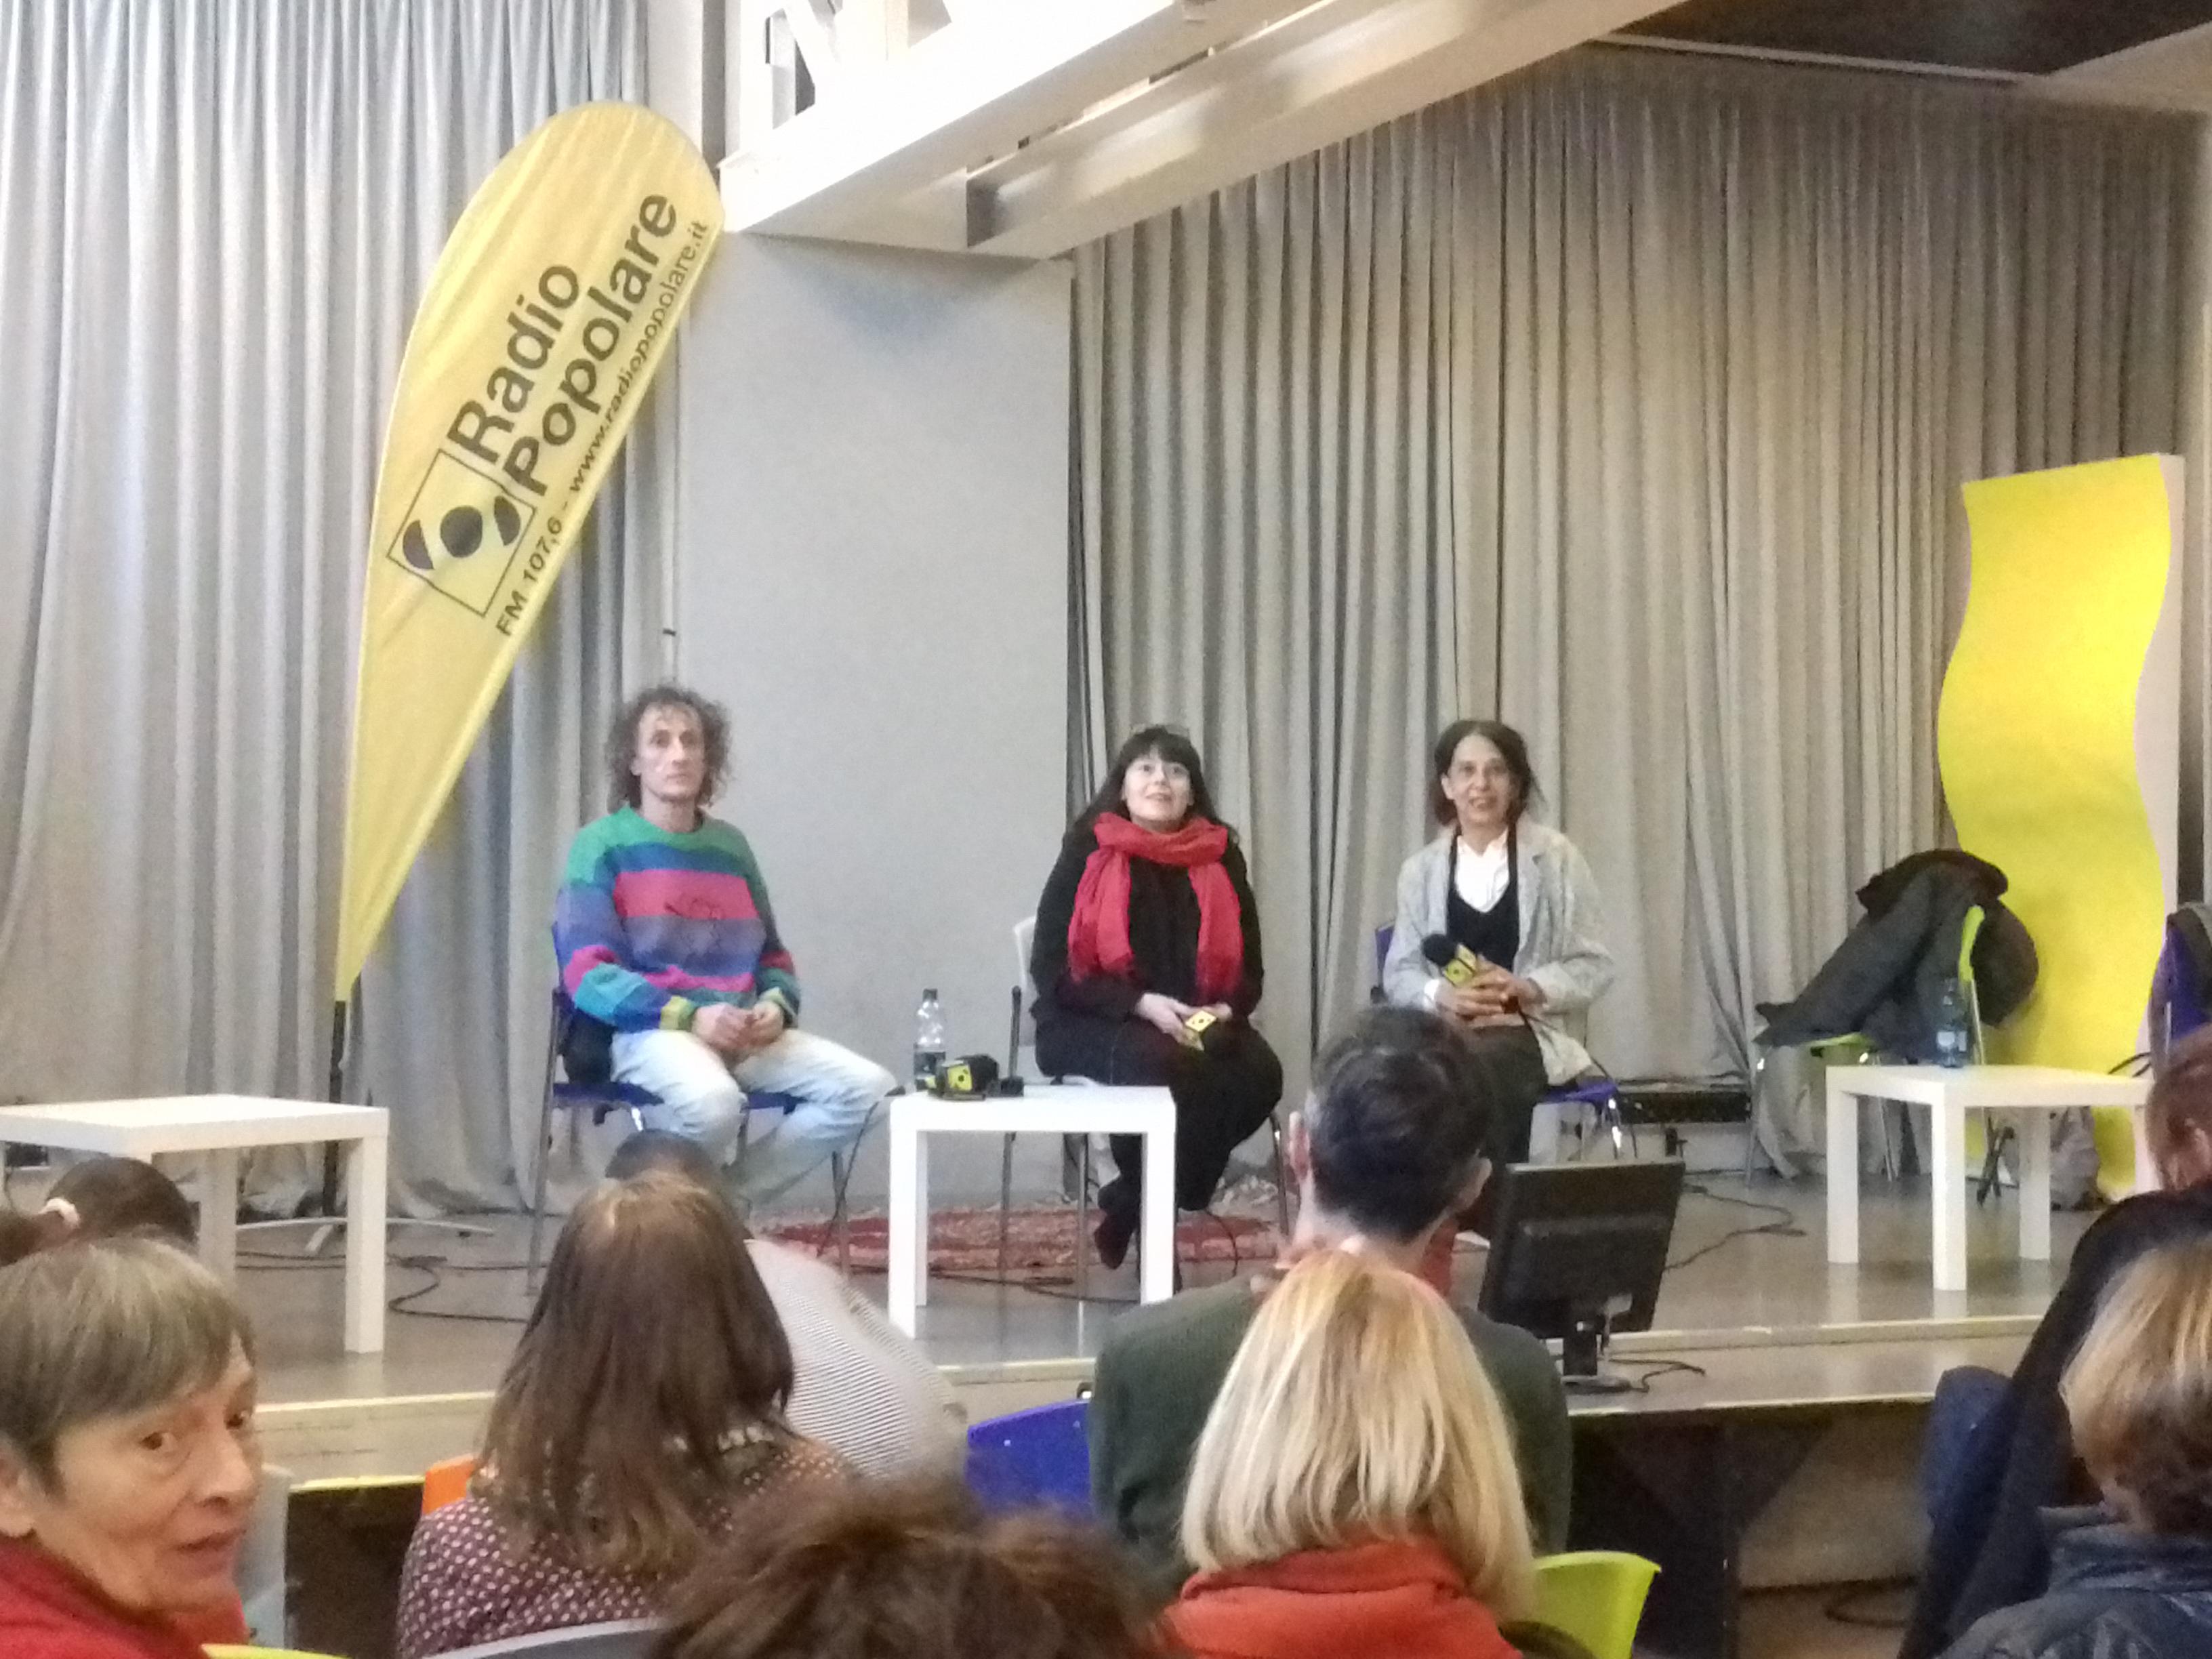 Ira Rubini intervista Antonio Rezza e Flavia Mastrella